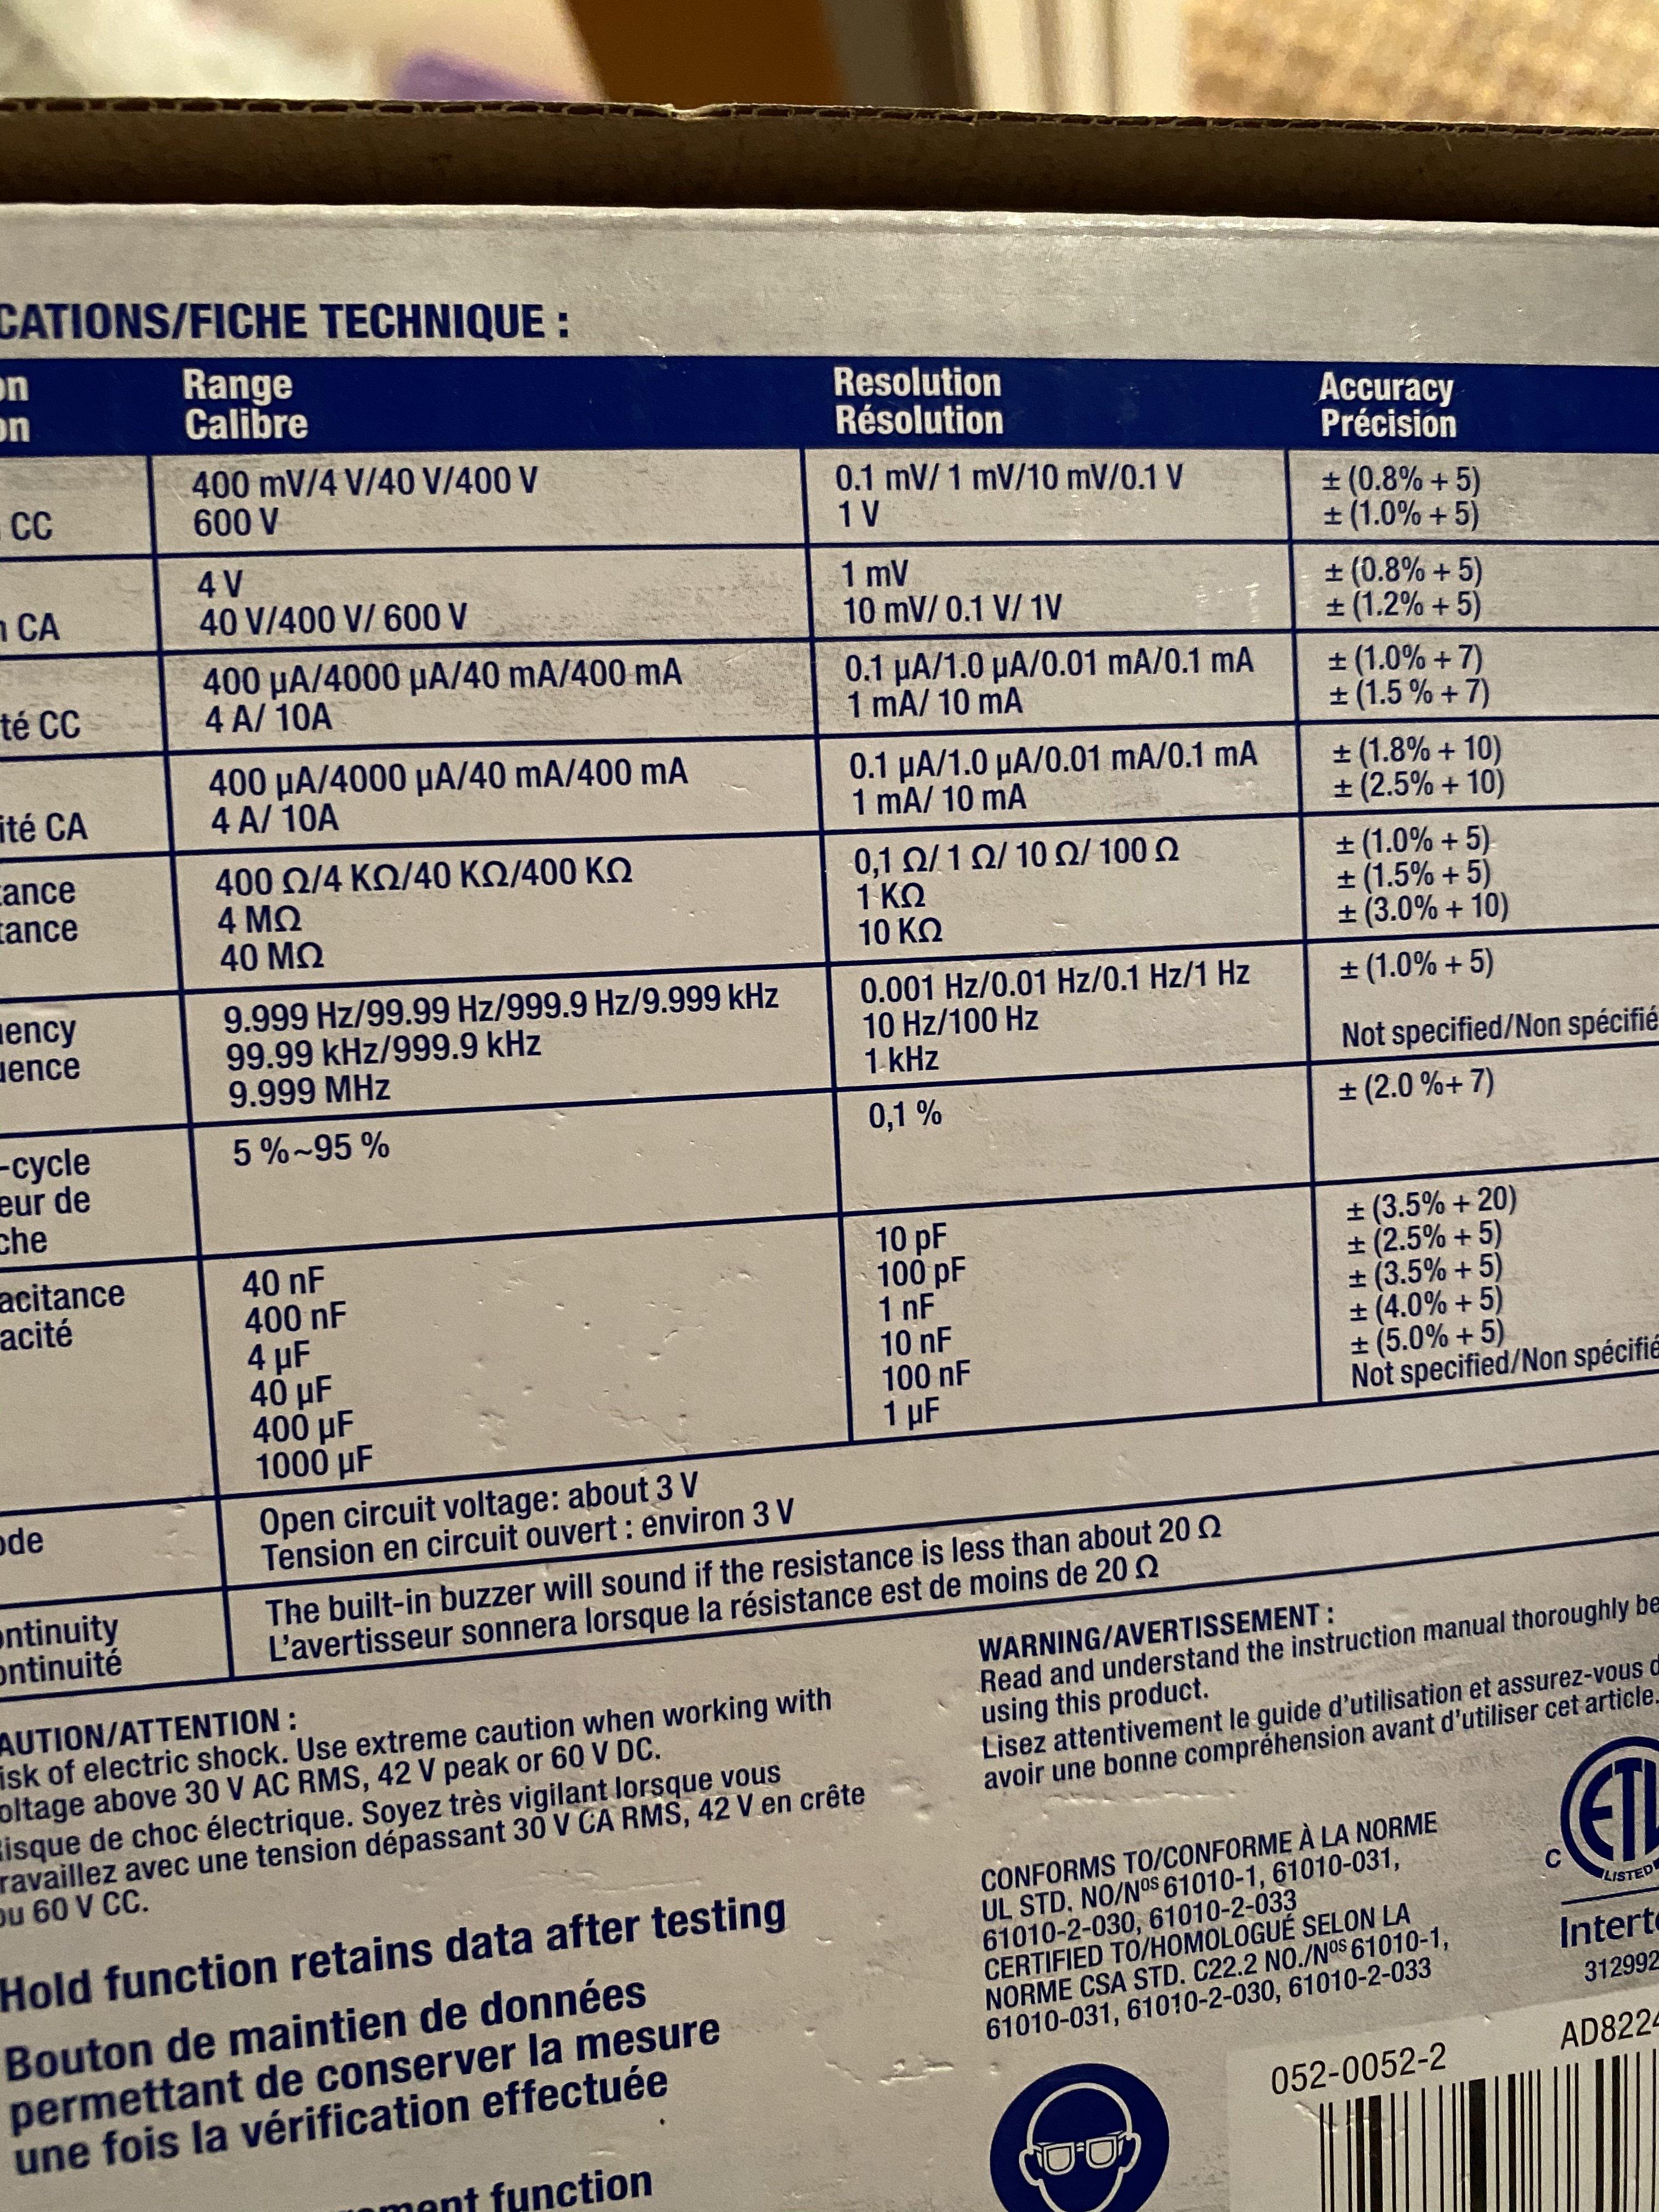 C056ED8C-F8D6-49DA-8648-DBE93F833435.jpeg